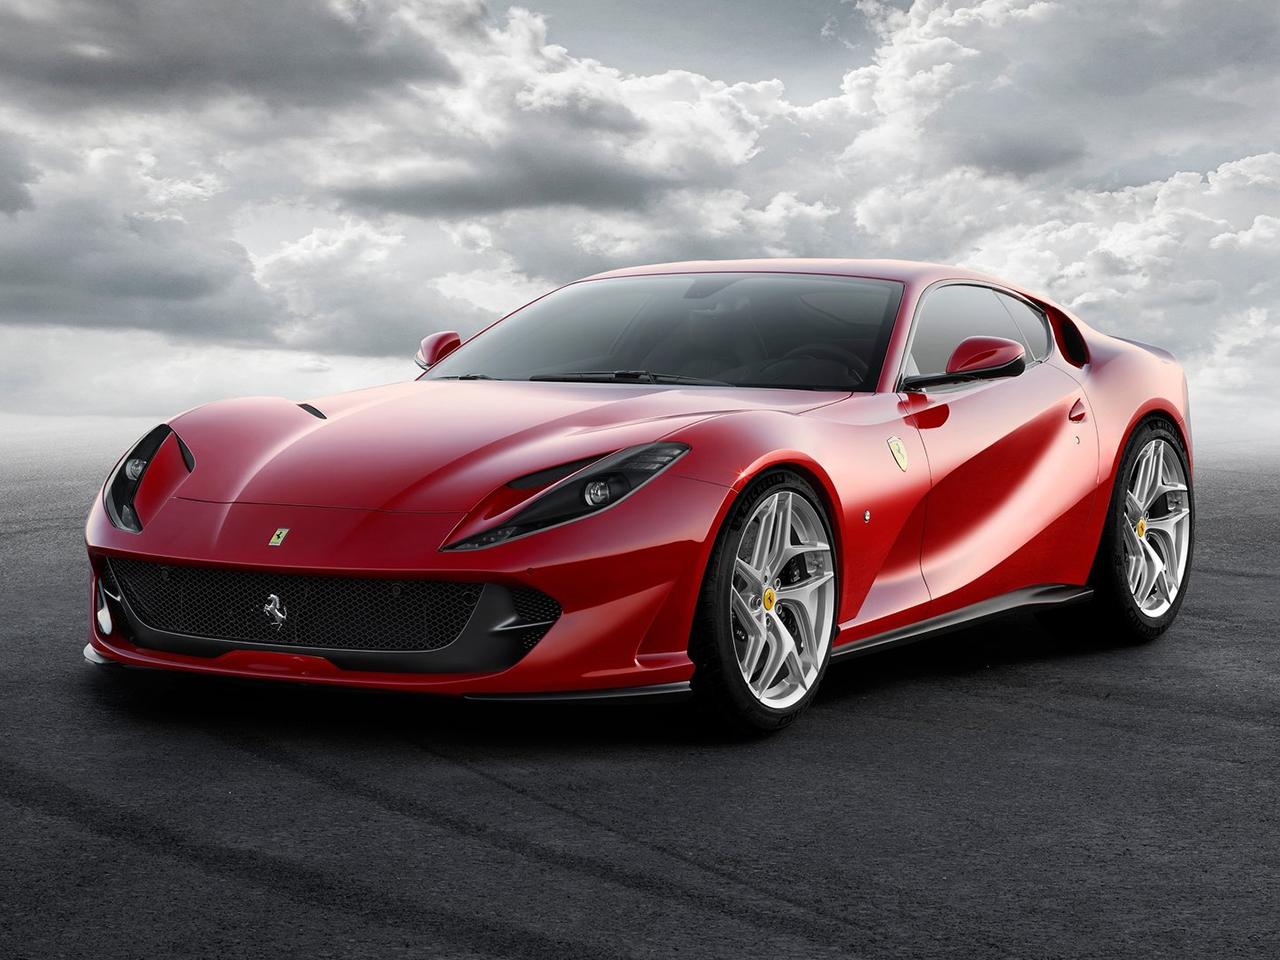 Ferrari 812 Superfast 2017 Datos Y Precios Autobild Es